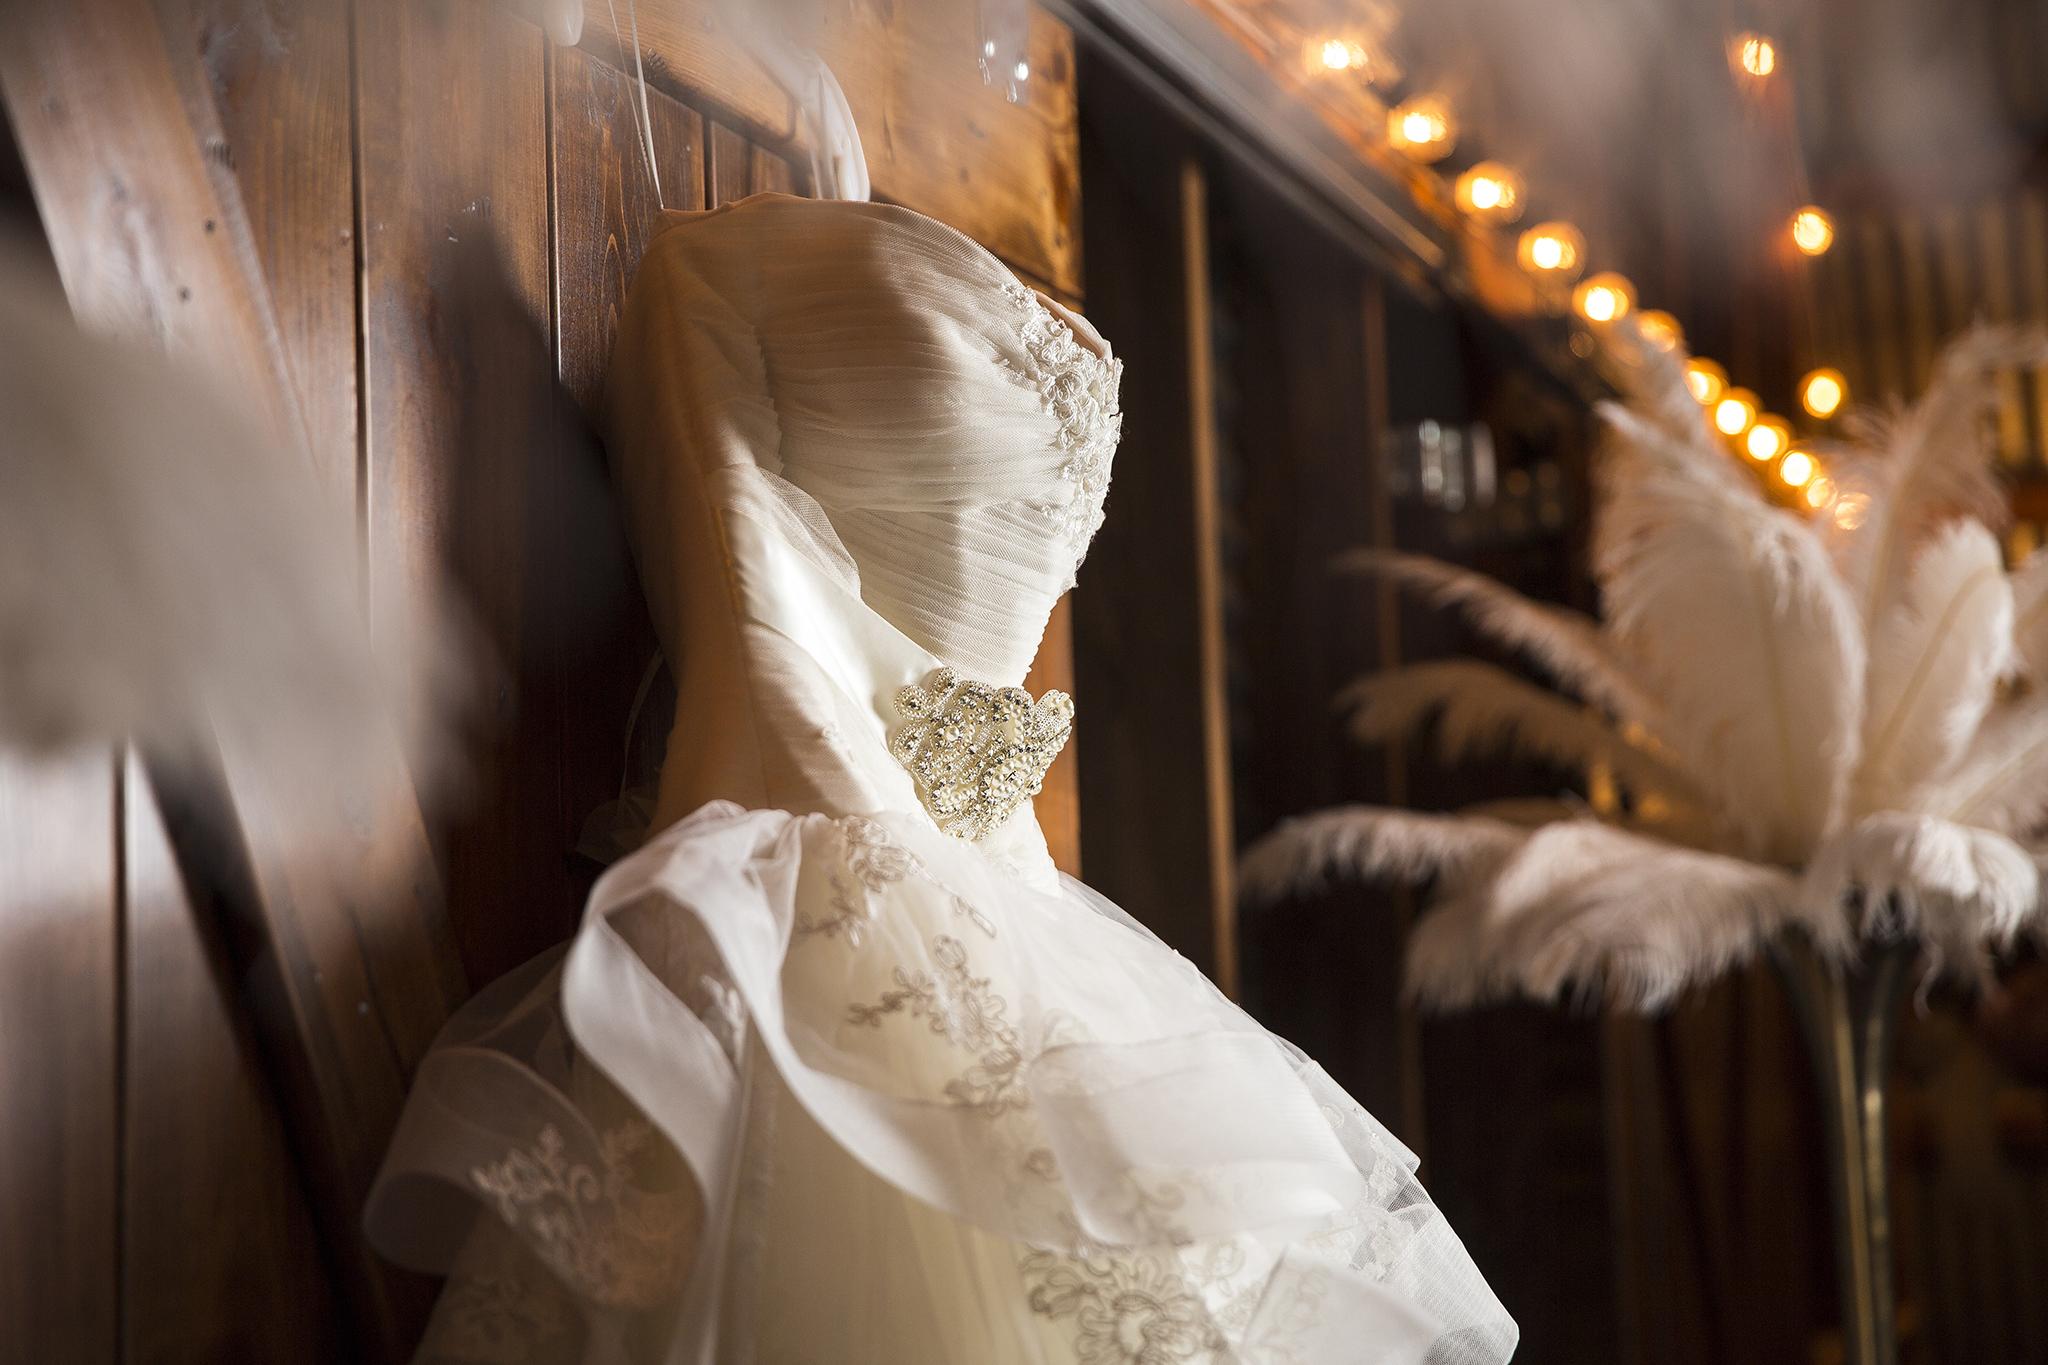 Walnut Tree Weddings, Olton, Wedding Dress, Barn Door, Warm Lighting